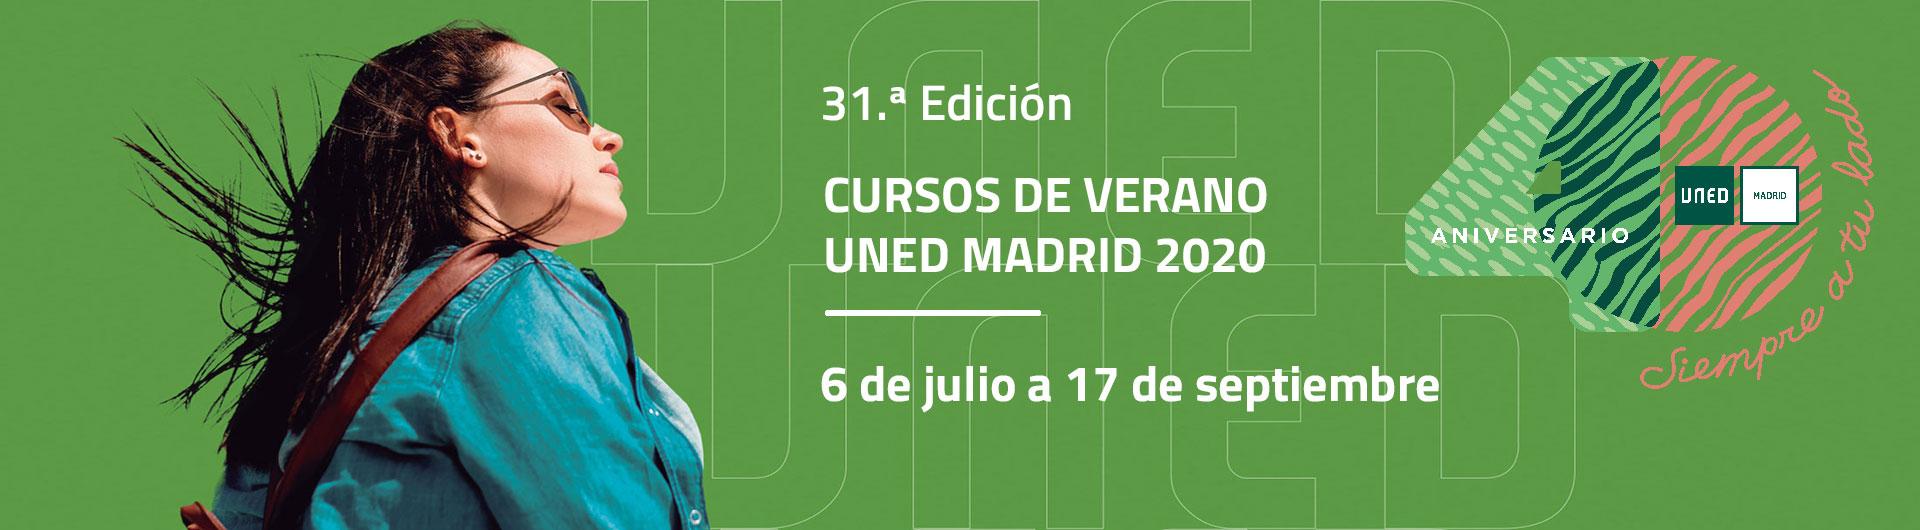 Slider 31.ª Edición. Cursos de Verano UNED Madrid 2020. 6 de junio a 17 de septiembre.